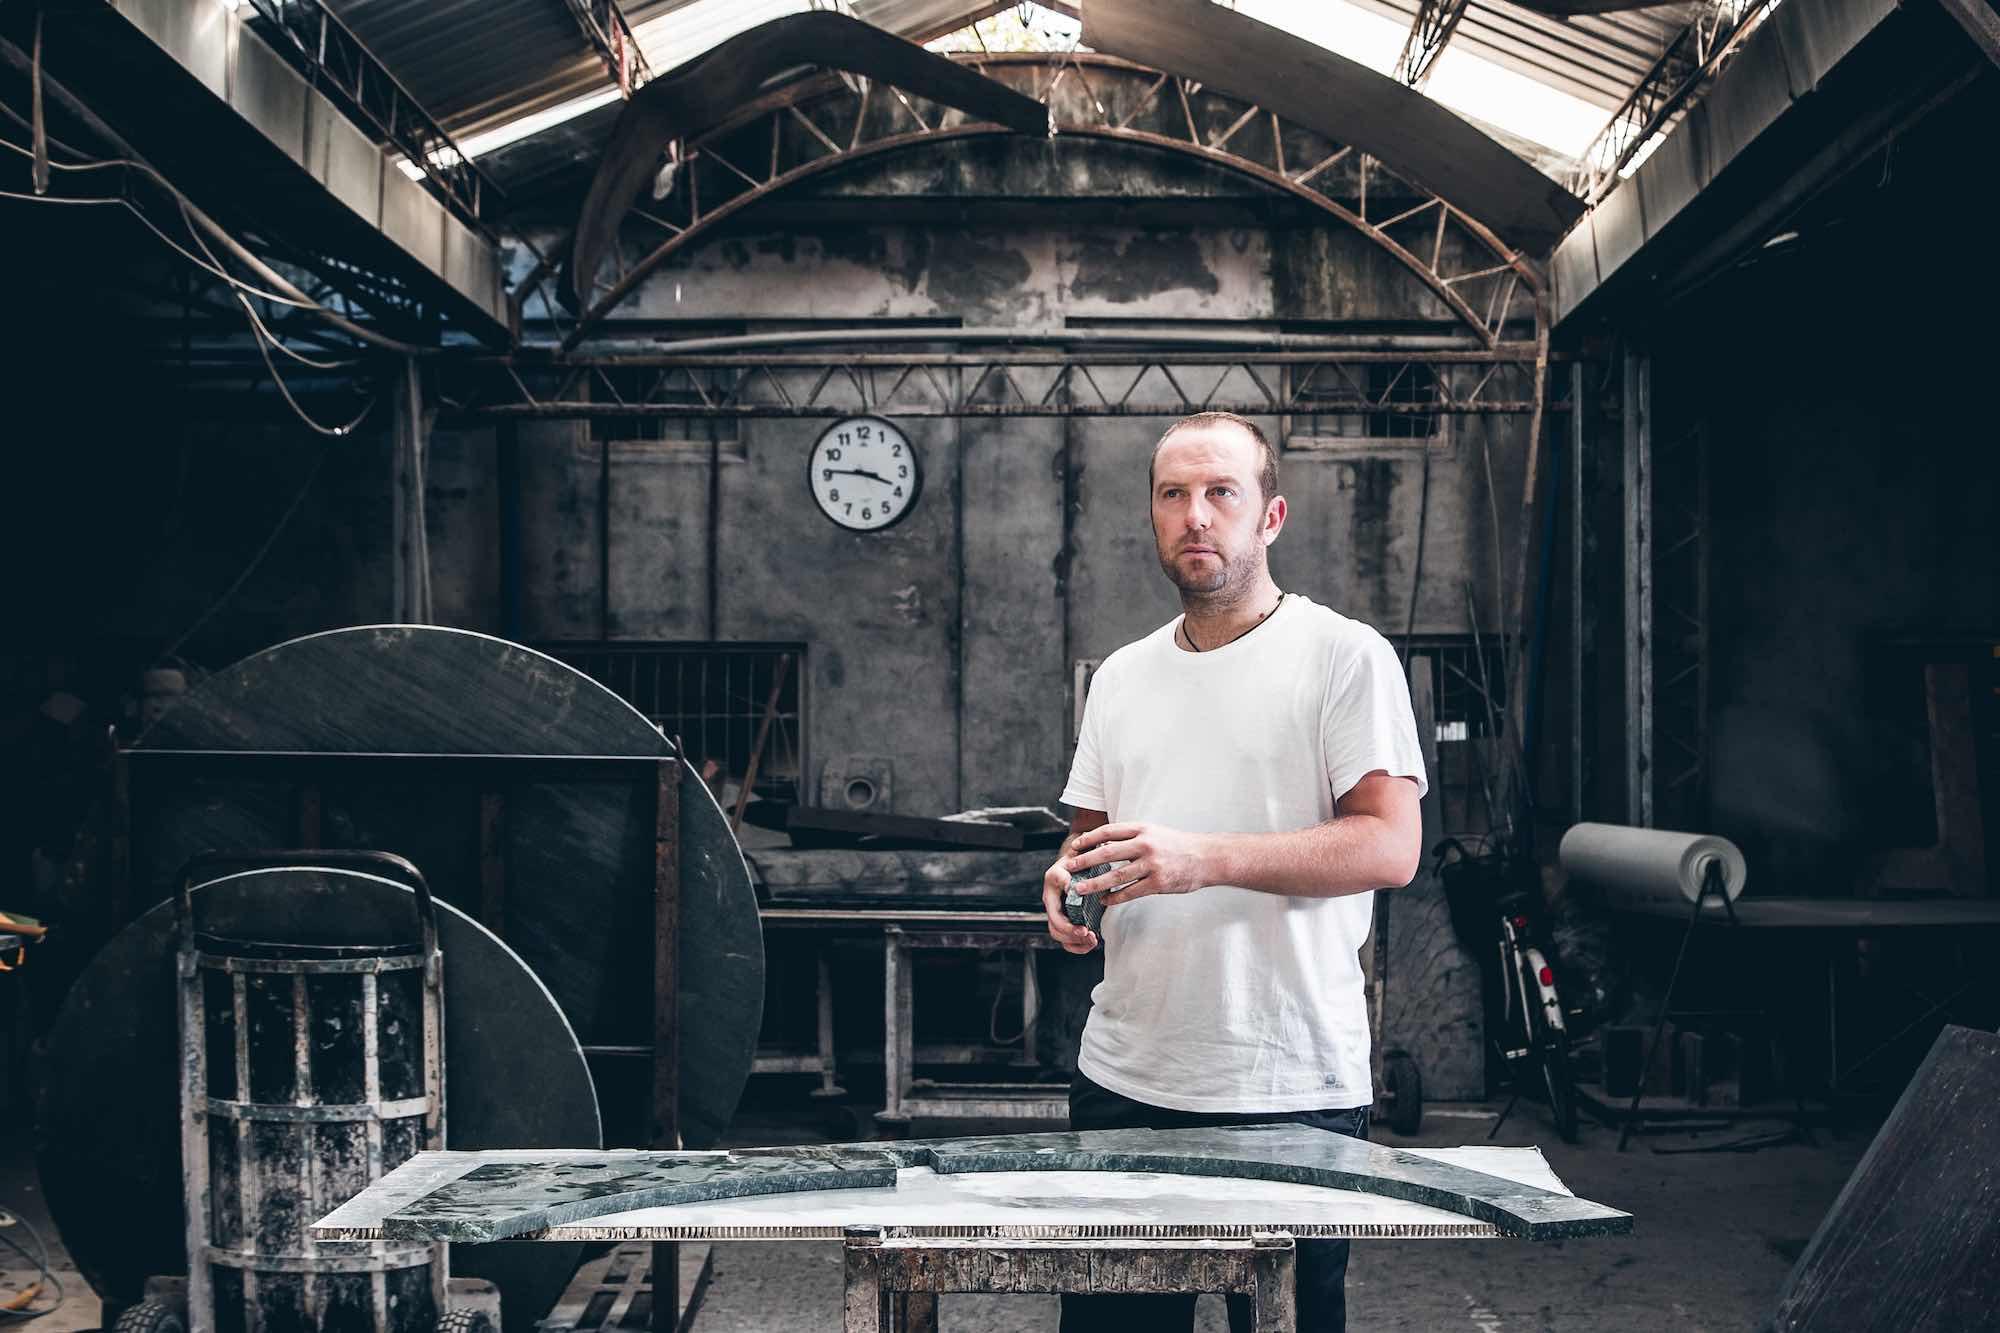 Intervista a Moreno Ratti è uno sculture toscano di fama internazionale, nato a Carrara che ha fatto del marmo il suo materiale prediletto.